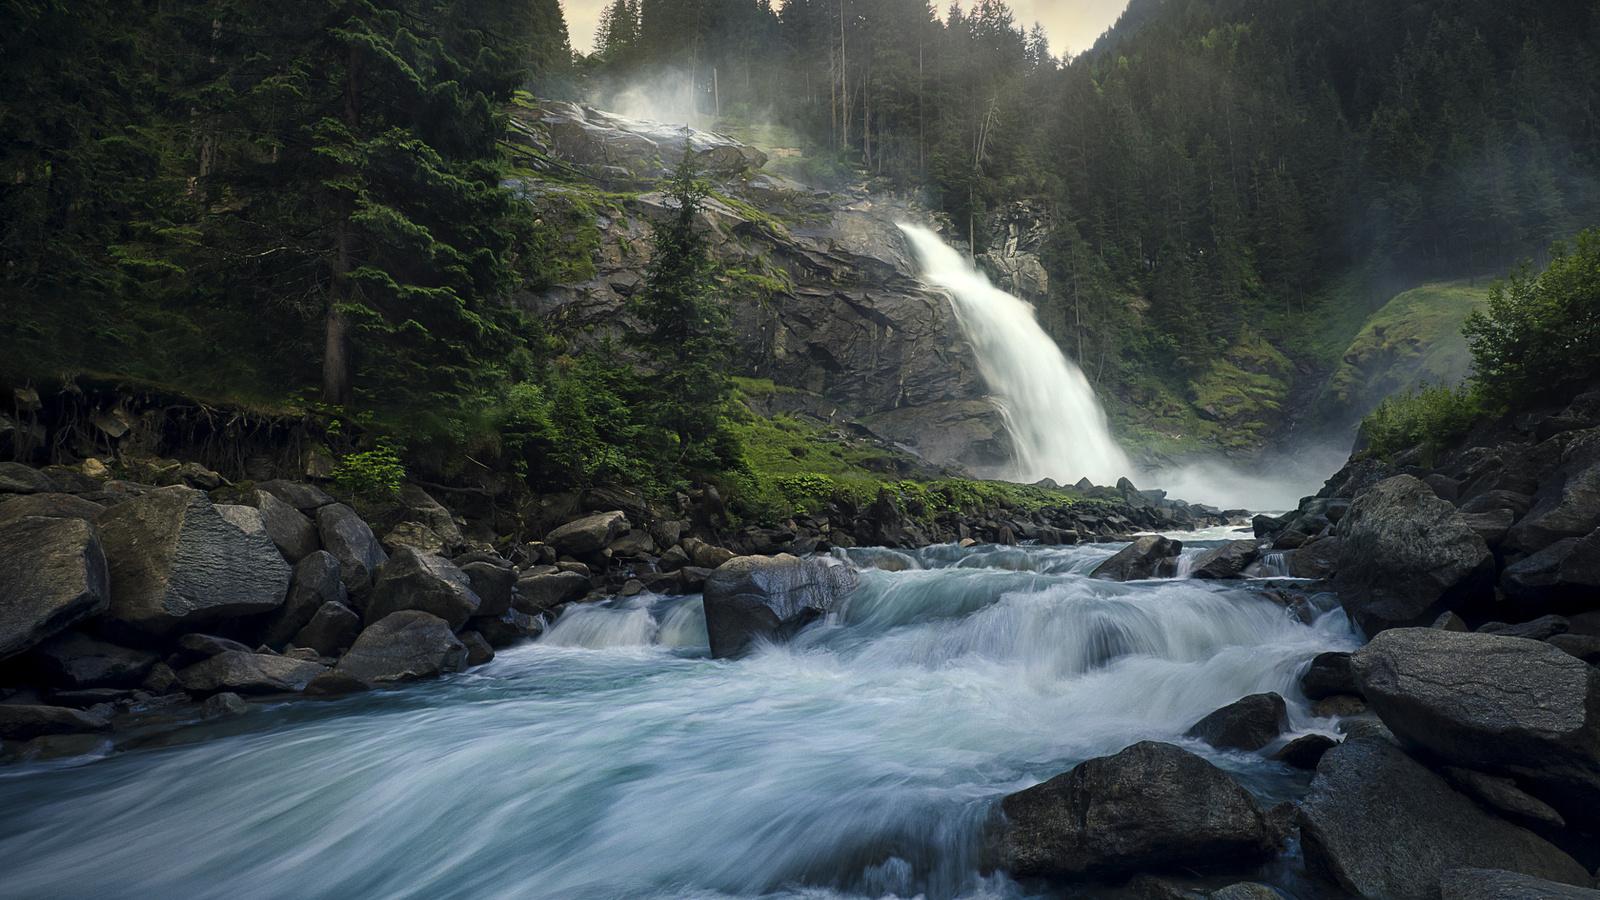 лес, пейзаж, природа, ручей, камни, скалы, течение, водопад, австрия, luka vunduk